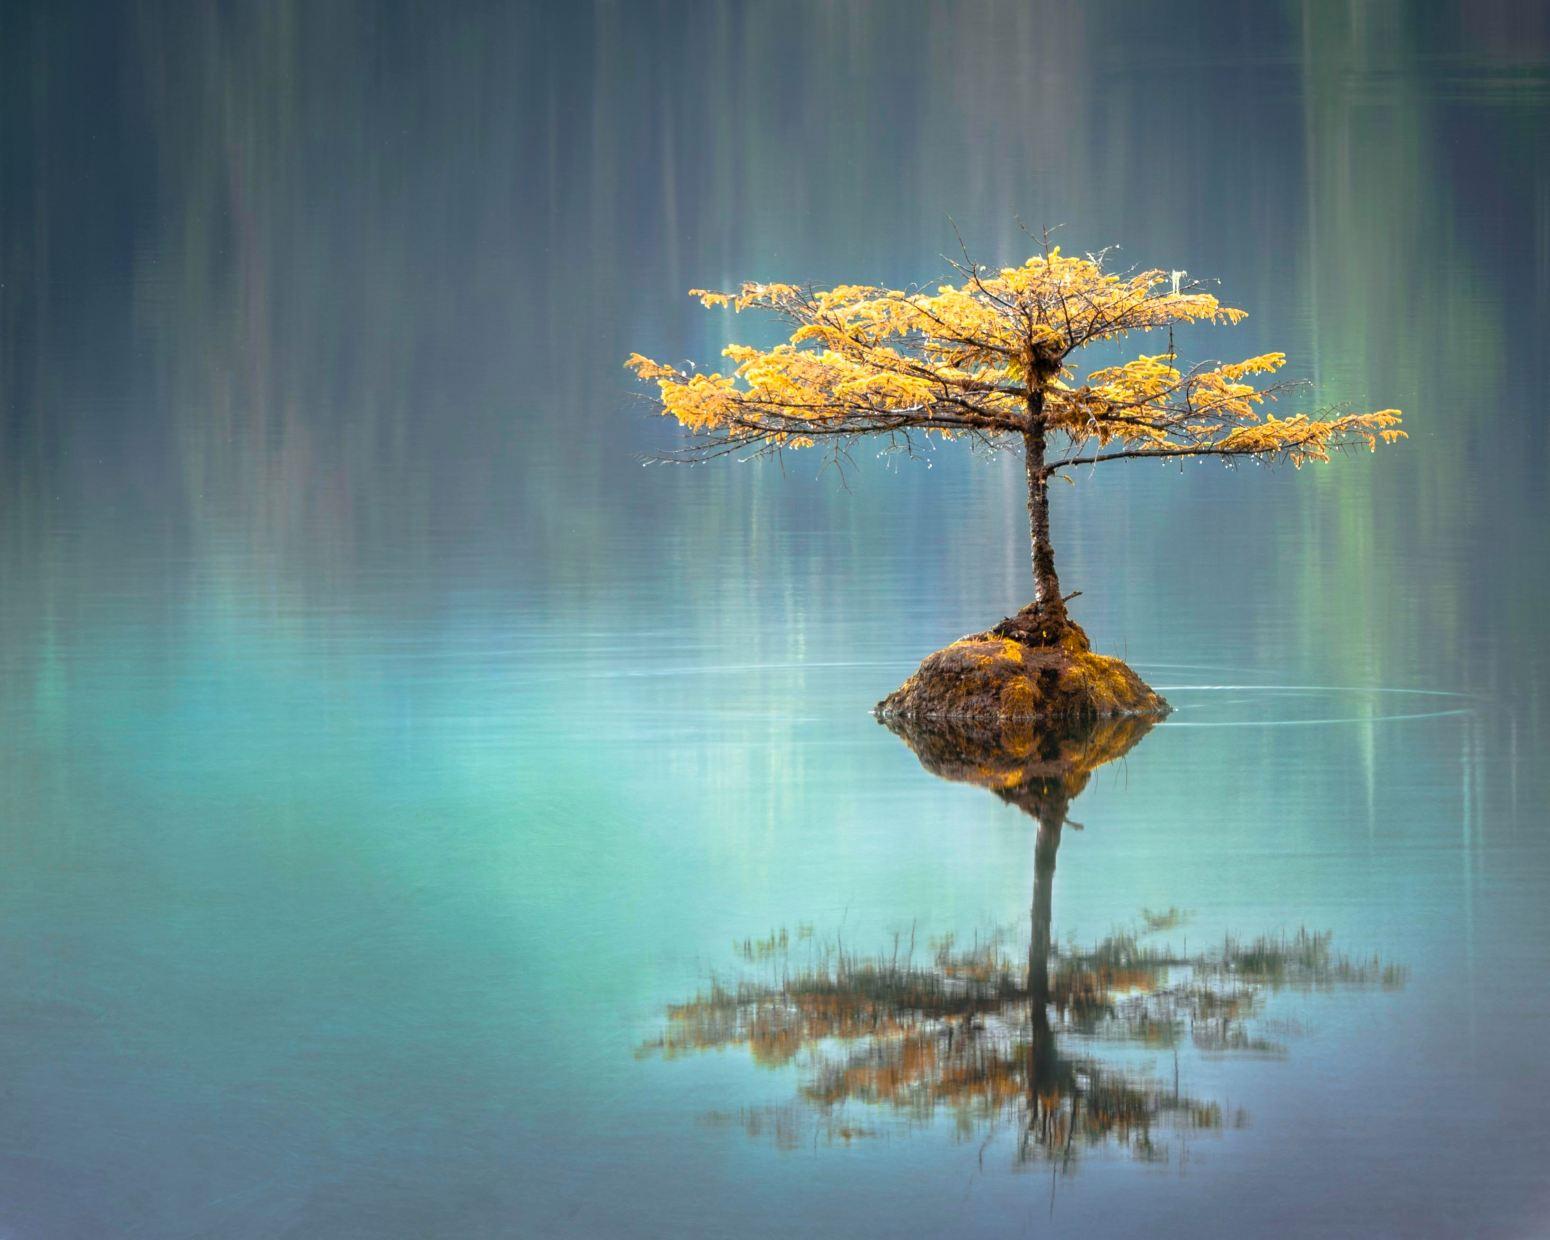 چگونه عدم توازن رابشناسیم و به آرامش مبدل کنیم؟